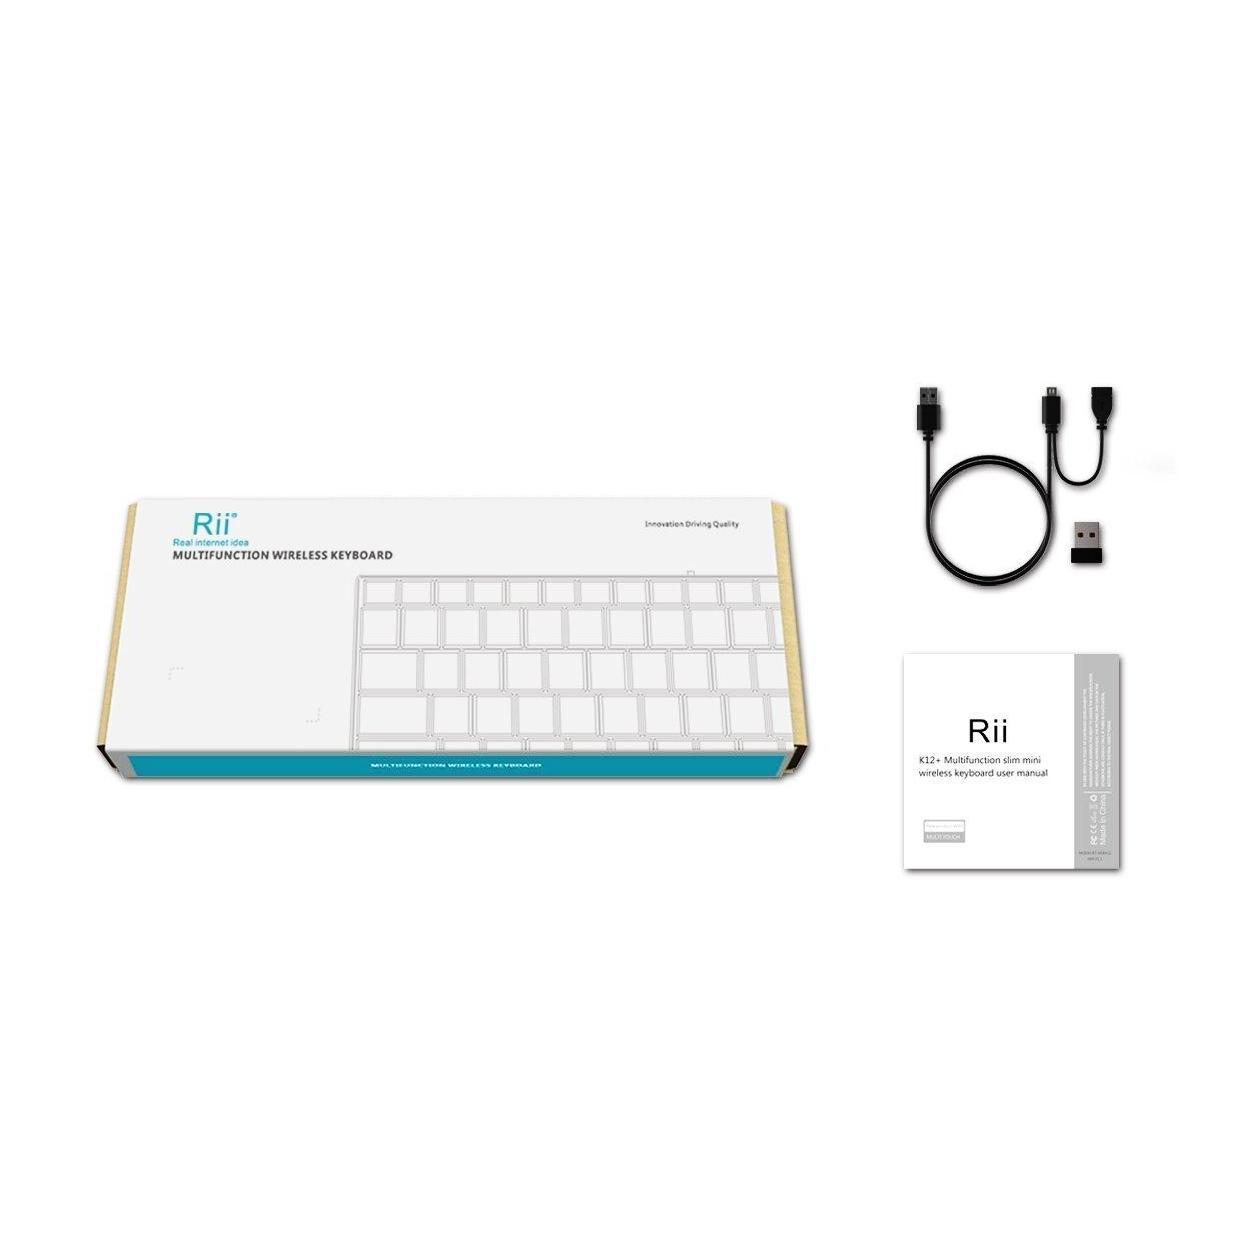 Riitek Mini K12 Touchpad